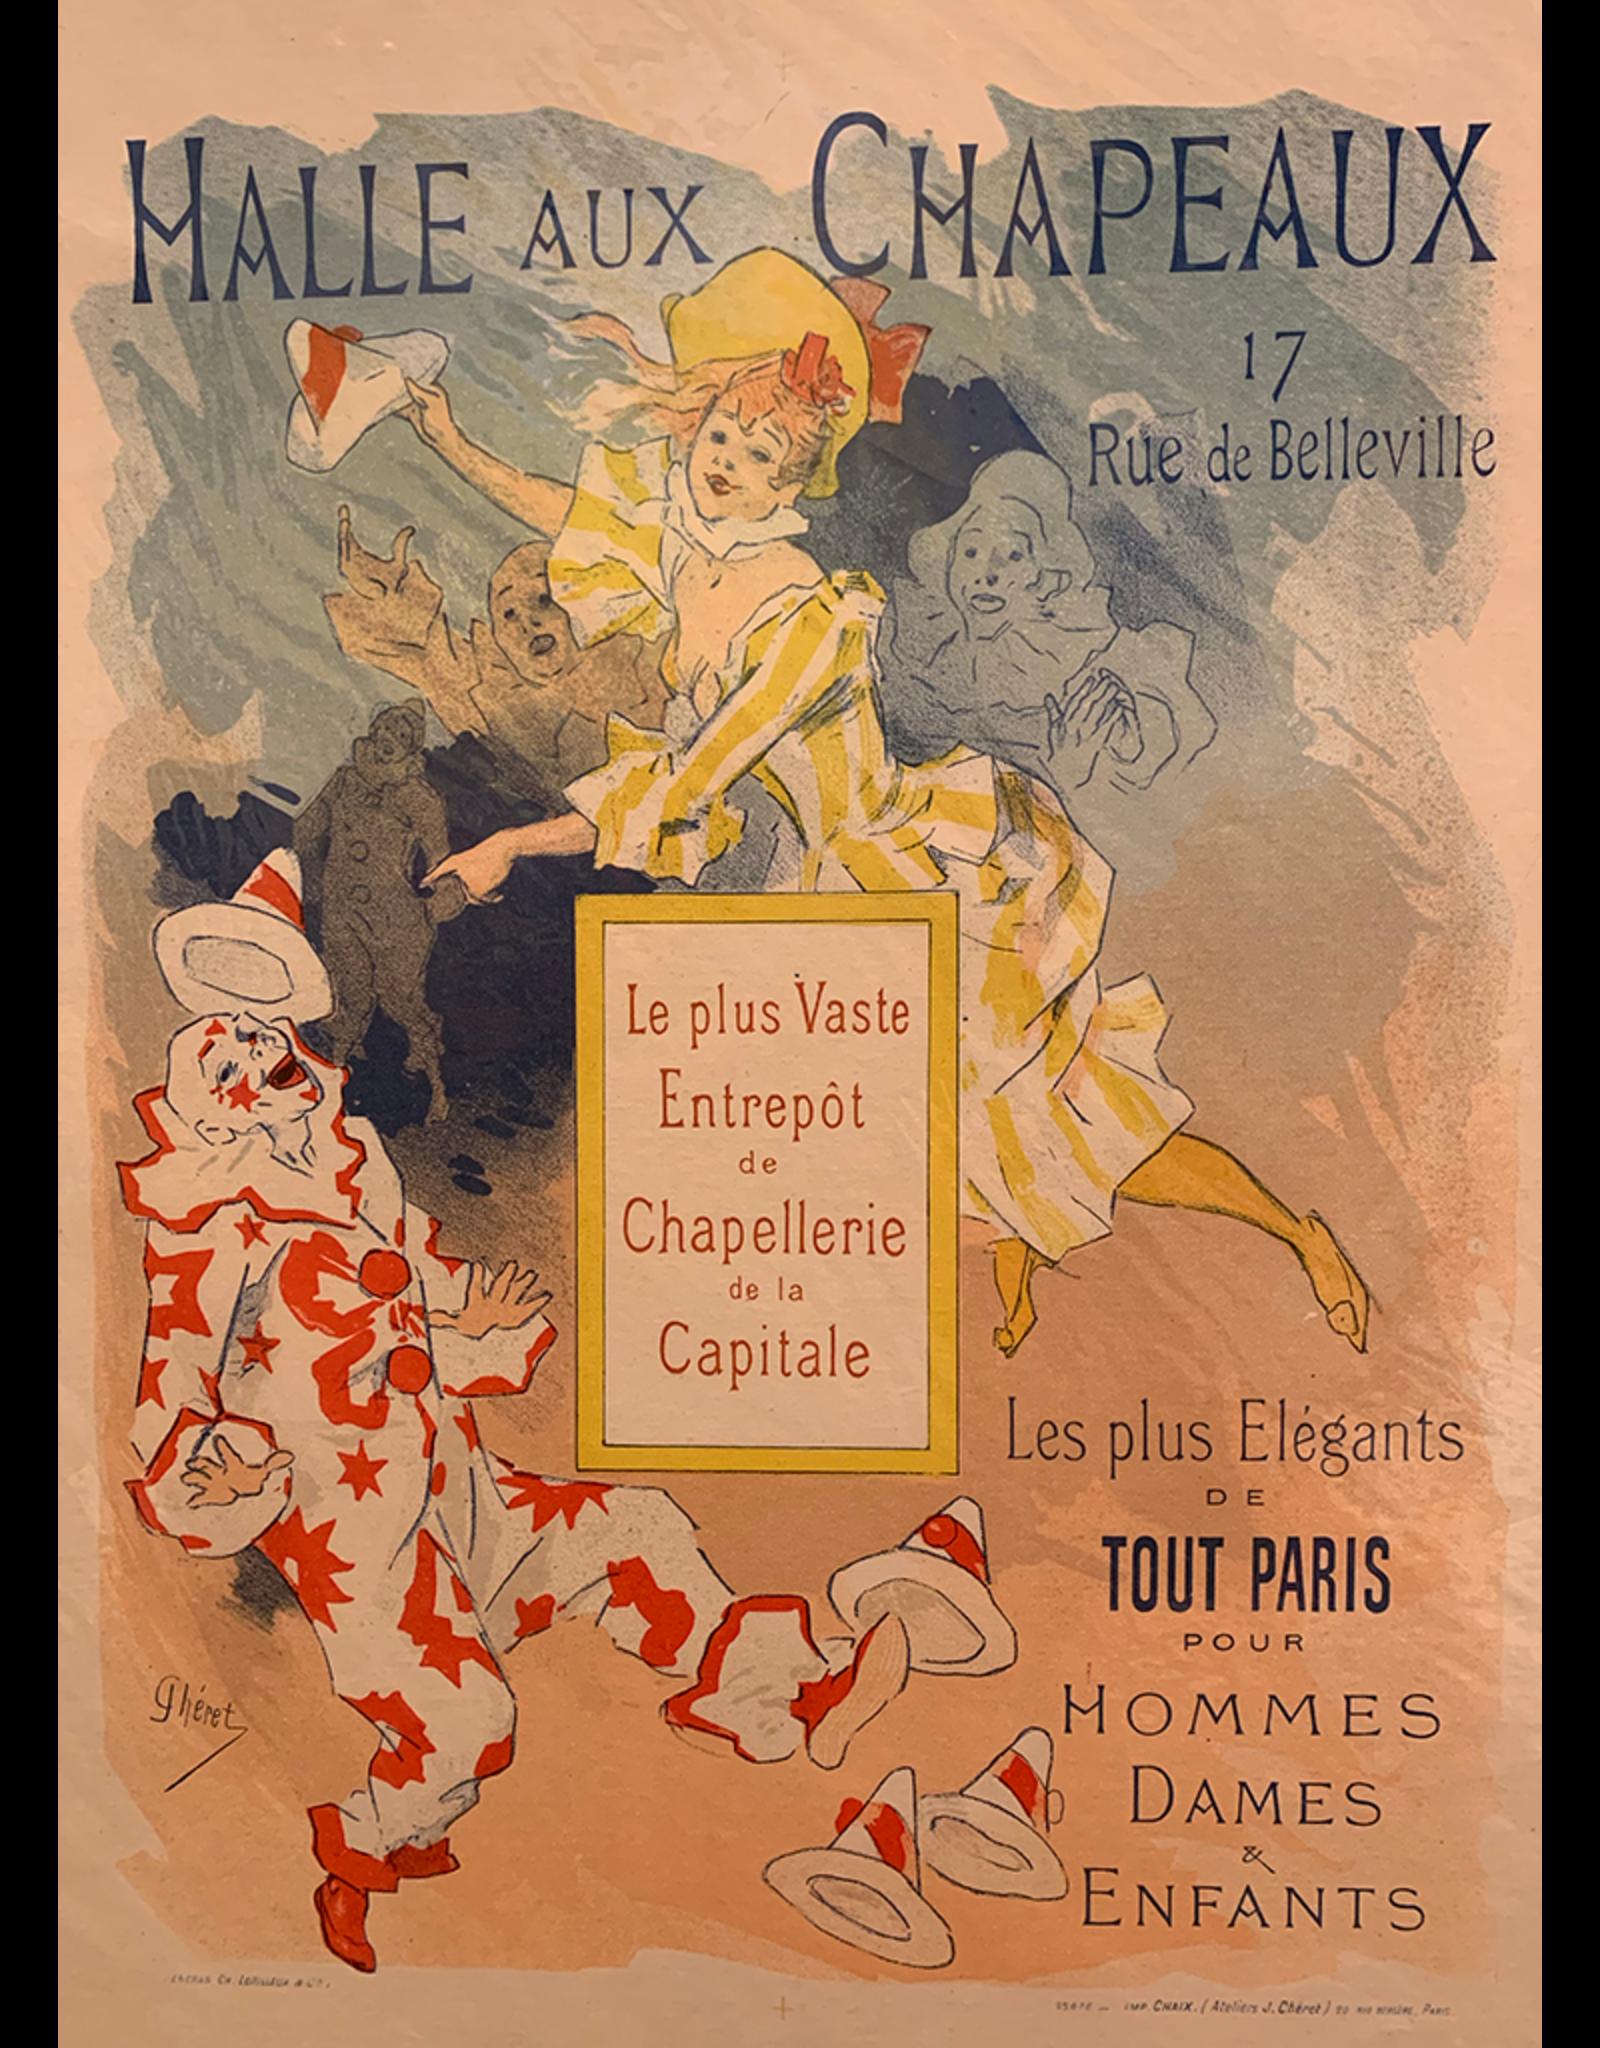 SPV Halle Aux Chapeaux